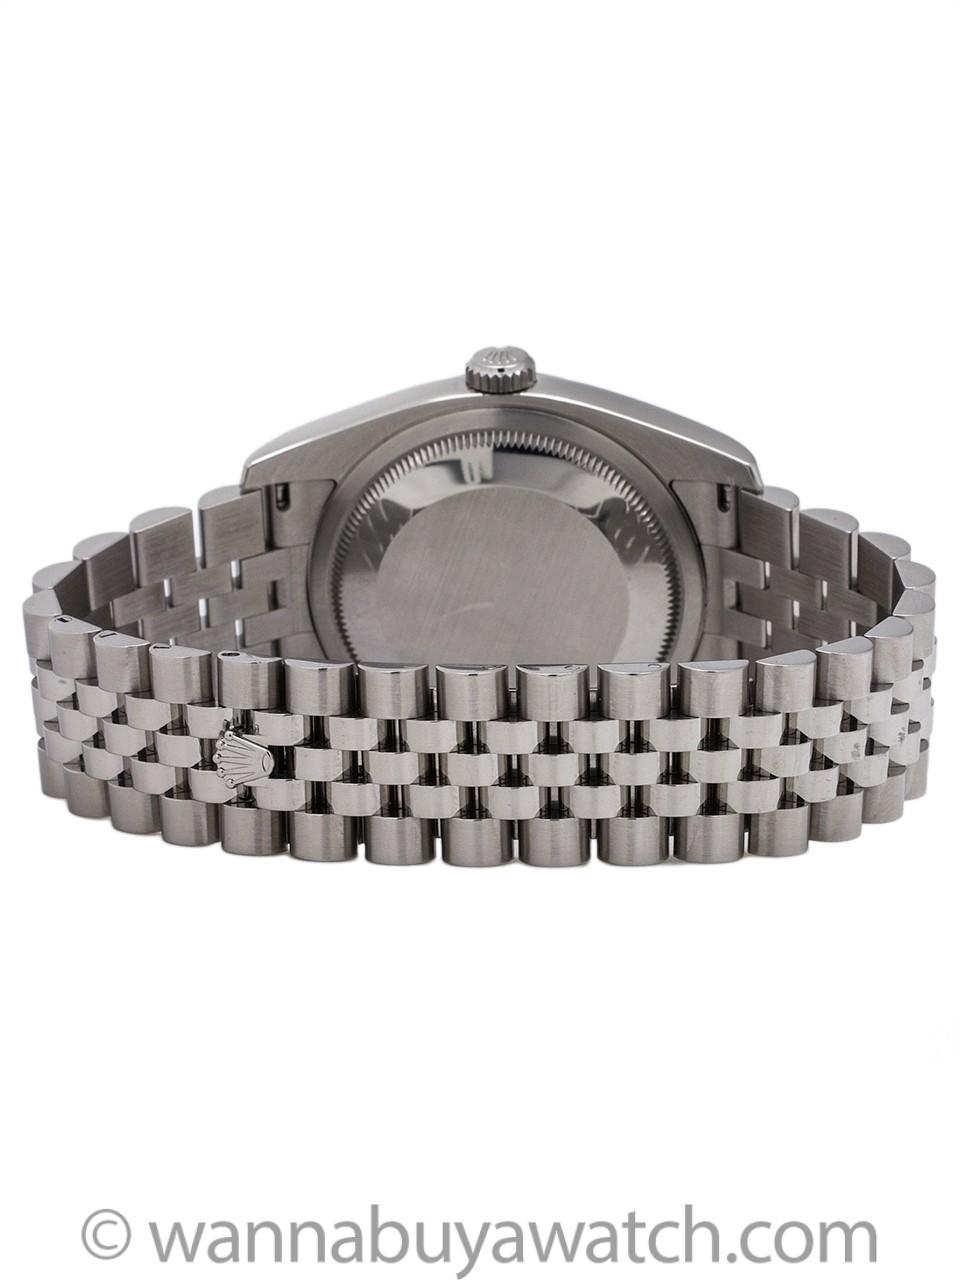 Rolex Datejust ref # 116234 Stainless Steel circa 2010+